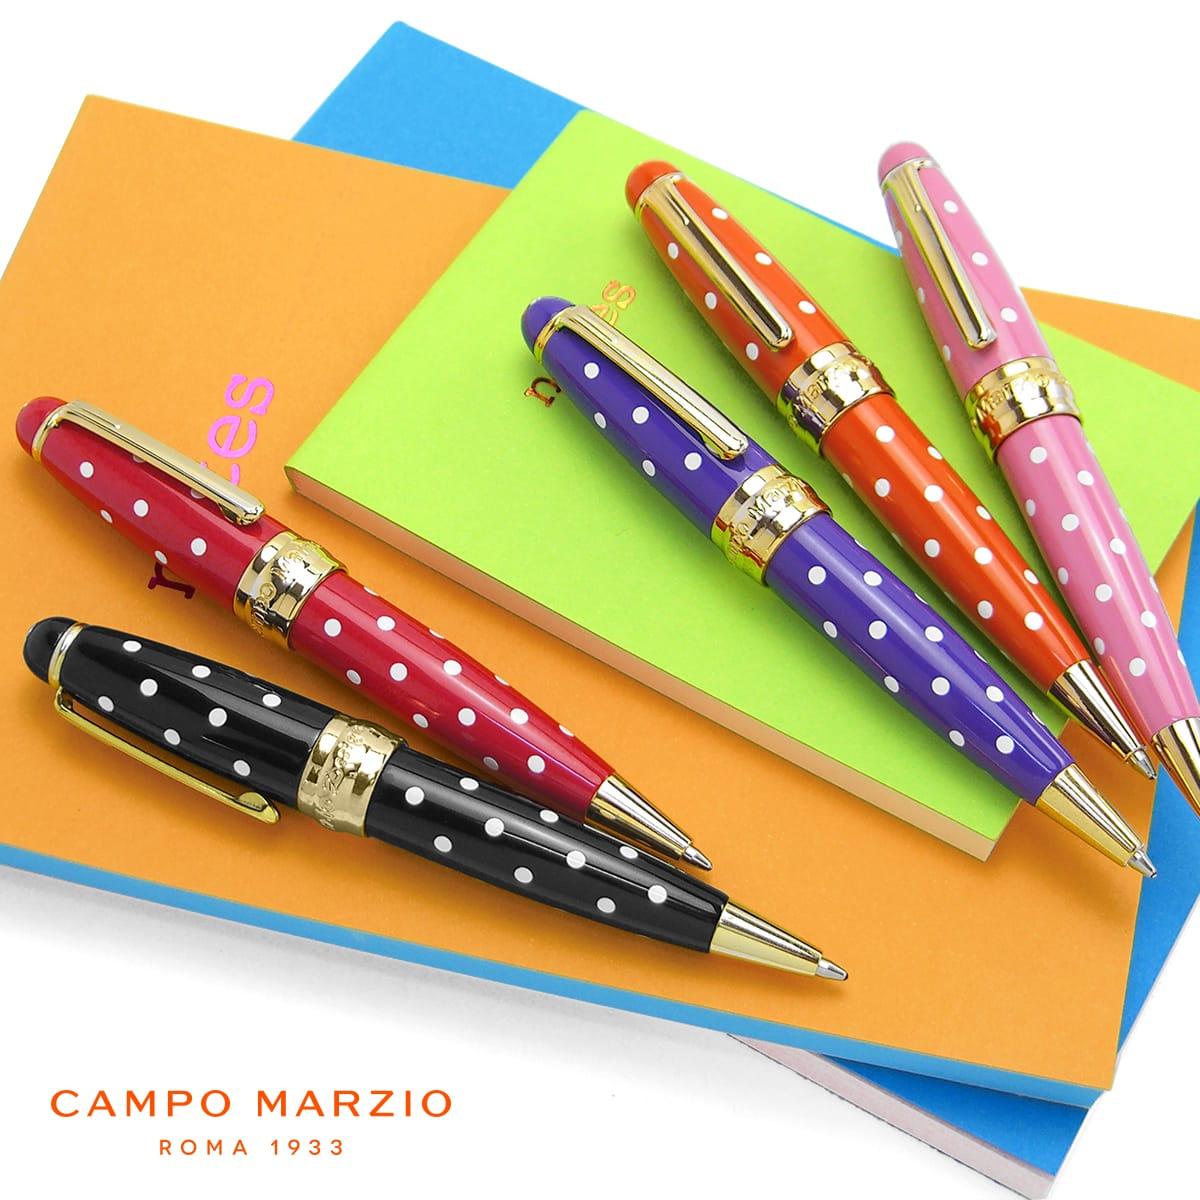 【イタリアブランド】 ボールペン 油性 おしゃれ かわいい ブランド カンポマルツィオ CAMPO MARZIO MINNY LP ボールペン K326LP